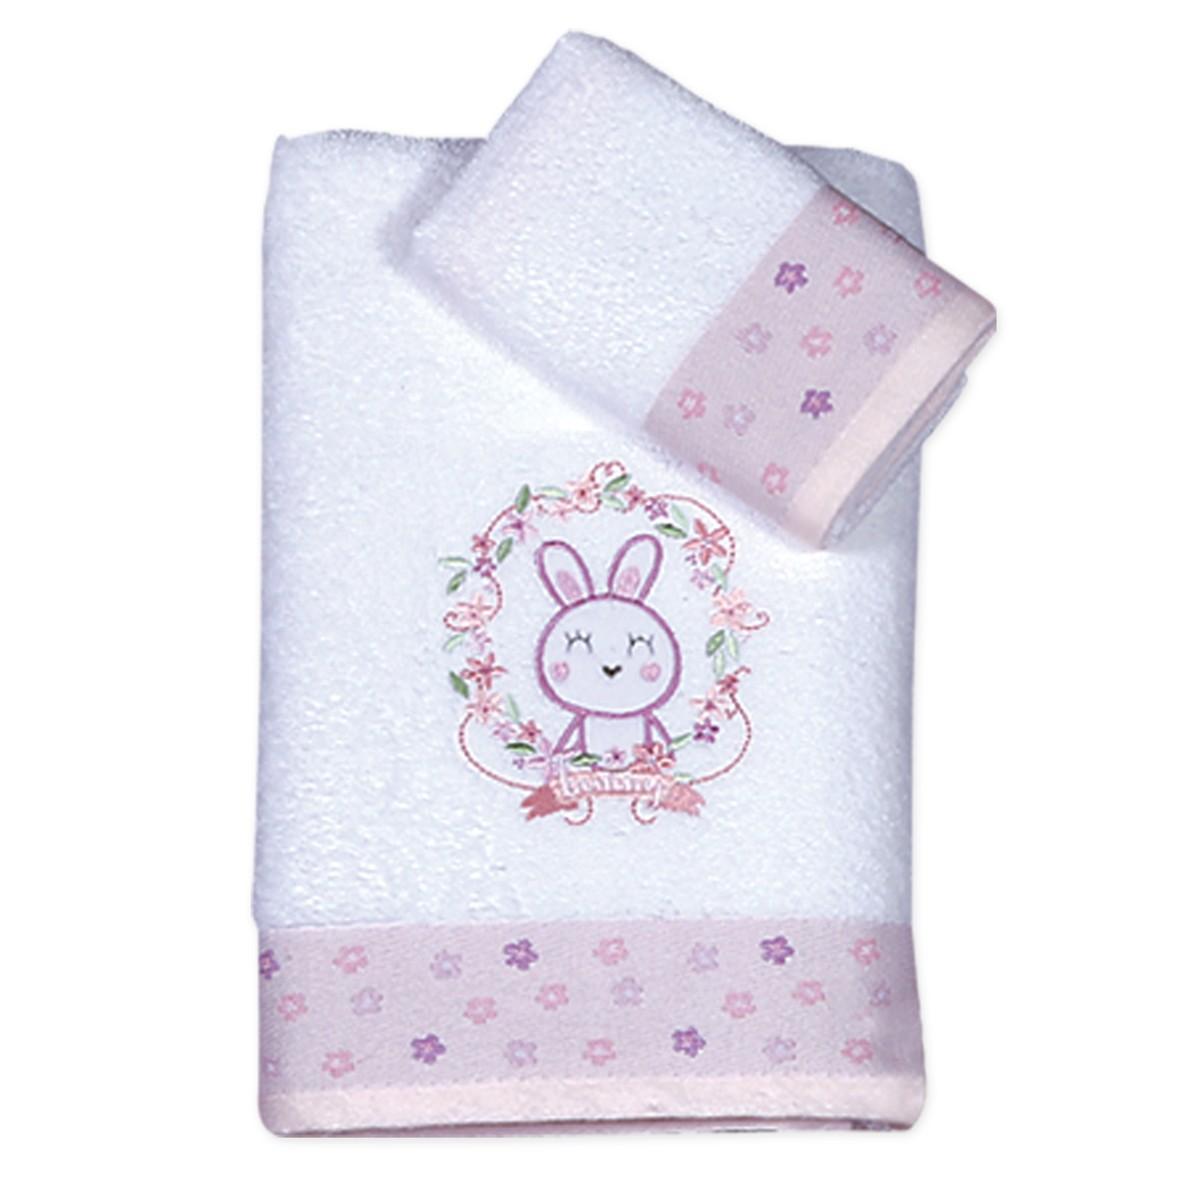 Βρεφικές Πετσέτες (Σετ 2τμχ) Nef-Nef Baby Sweet Animal Friends